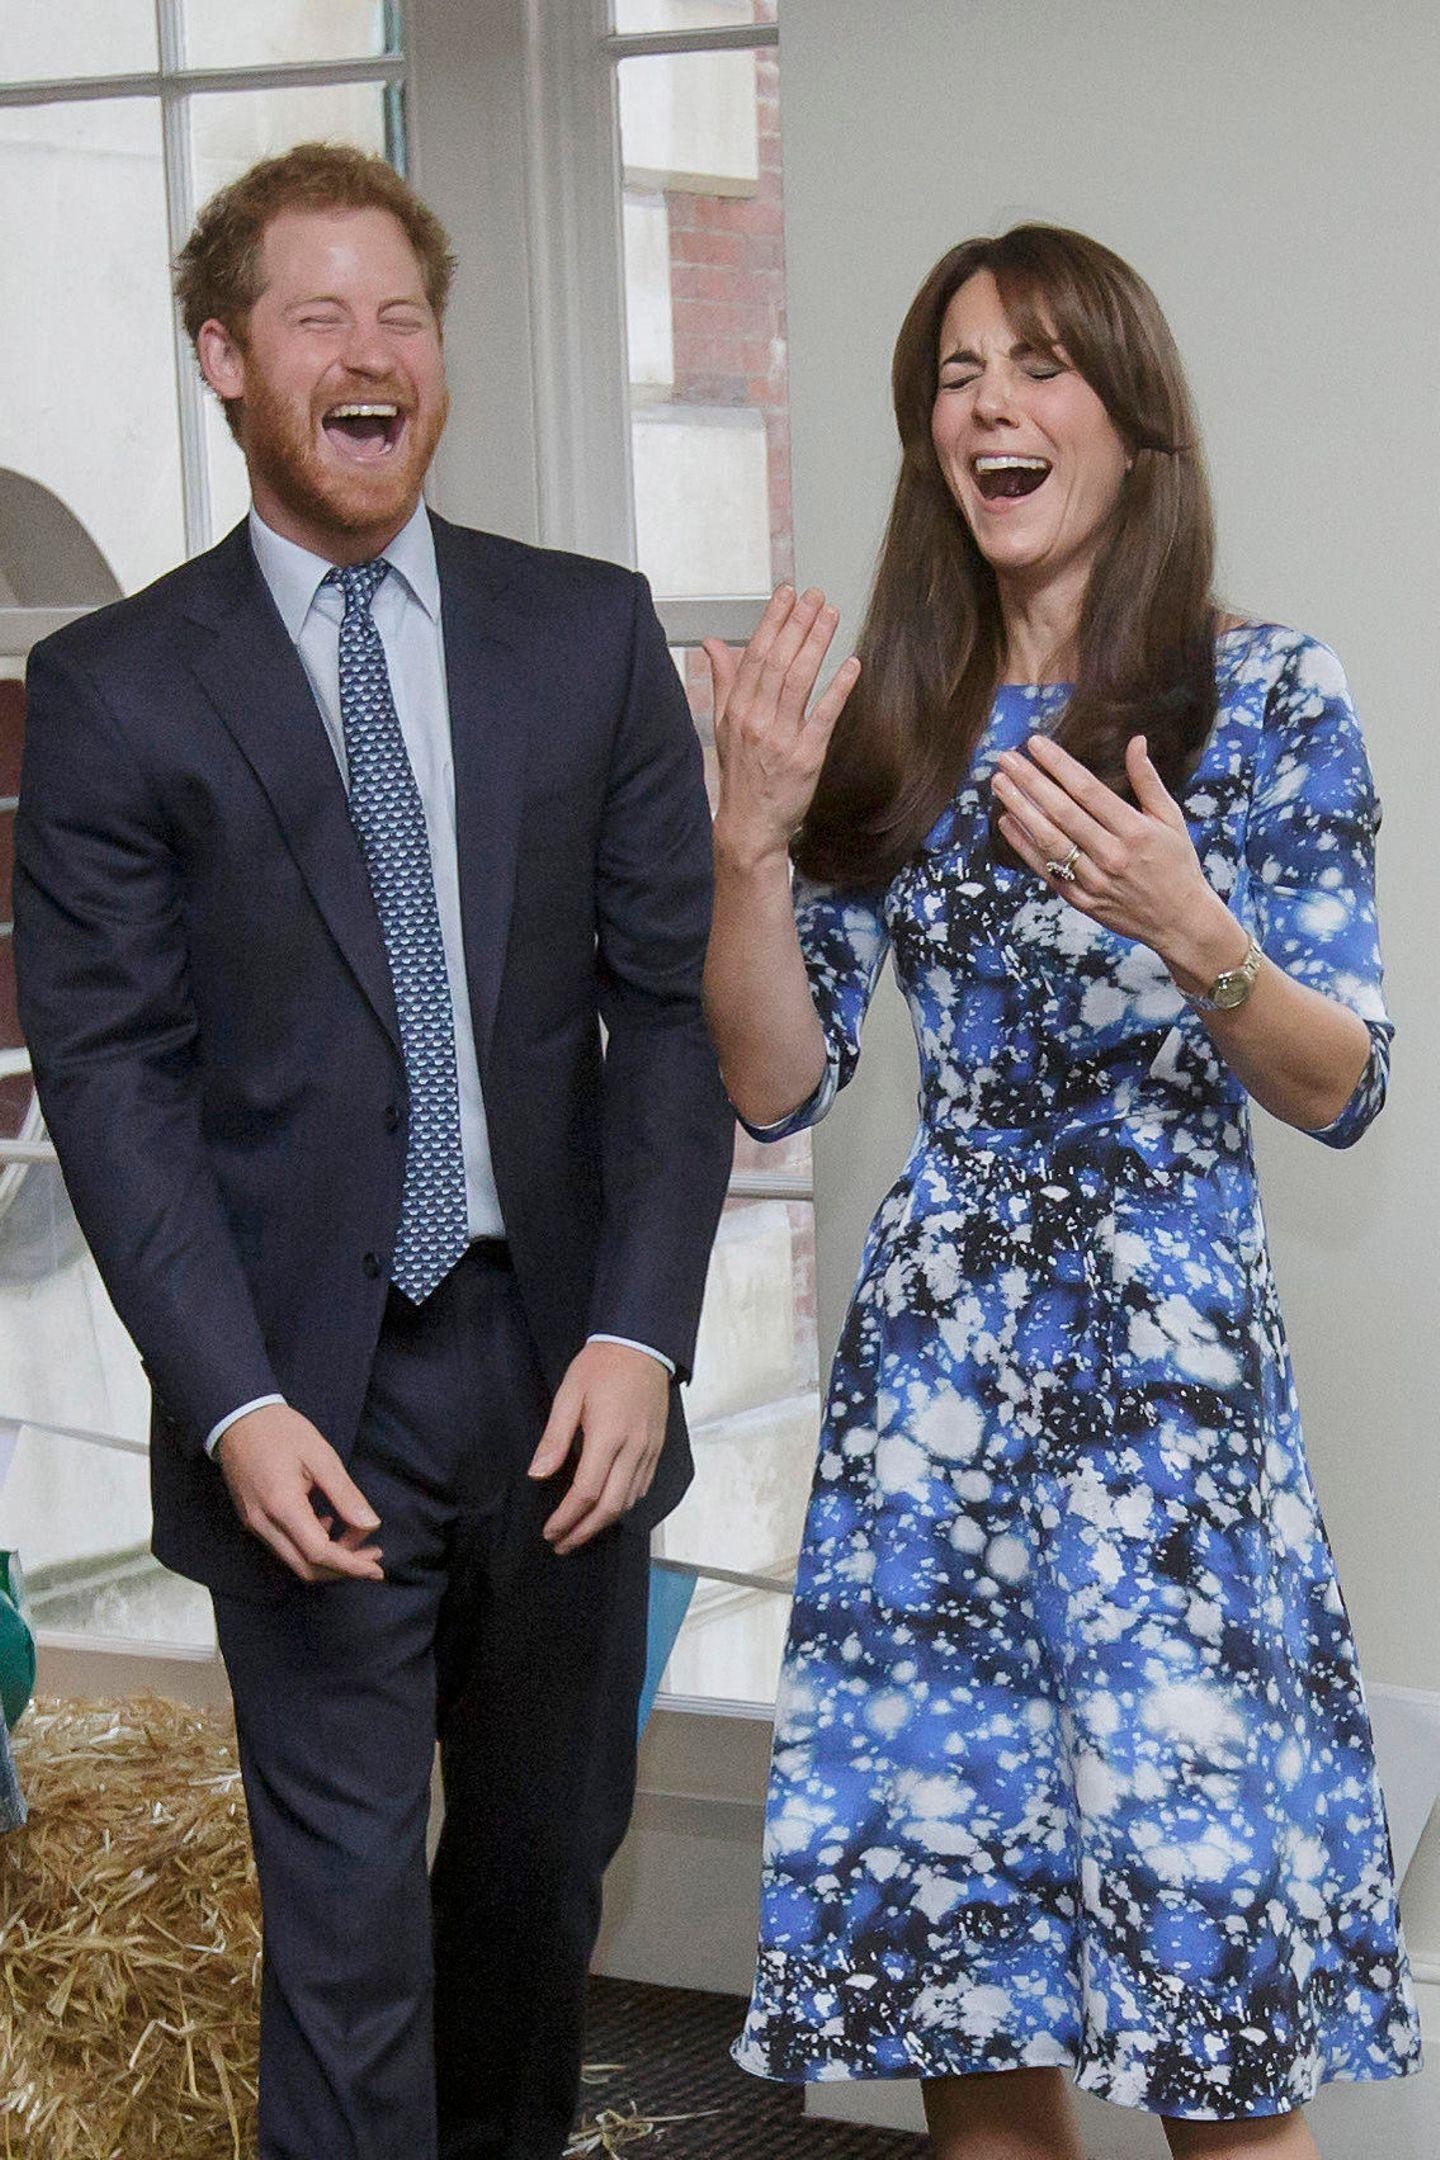 Muss Herzogin Catherine etwa niesen? Nein Prinz Harry und sie haben bei dem Besuch einer Wohltätigkeitsorganisation einfach nur Spaß.